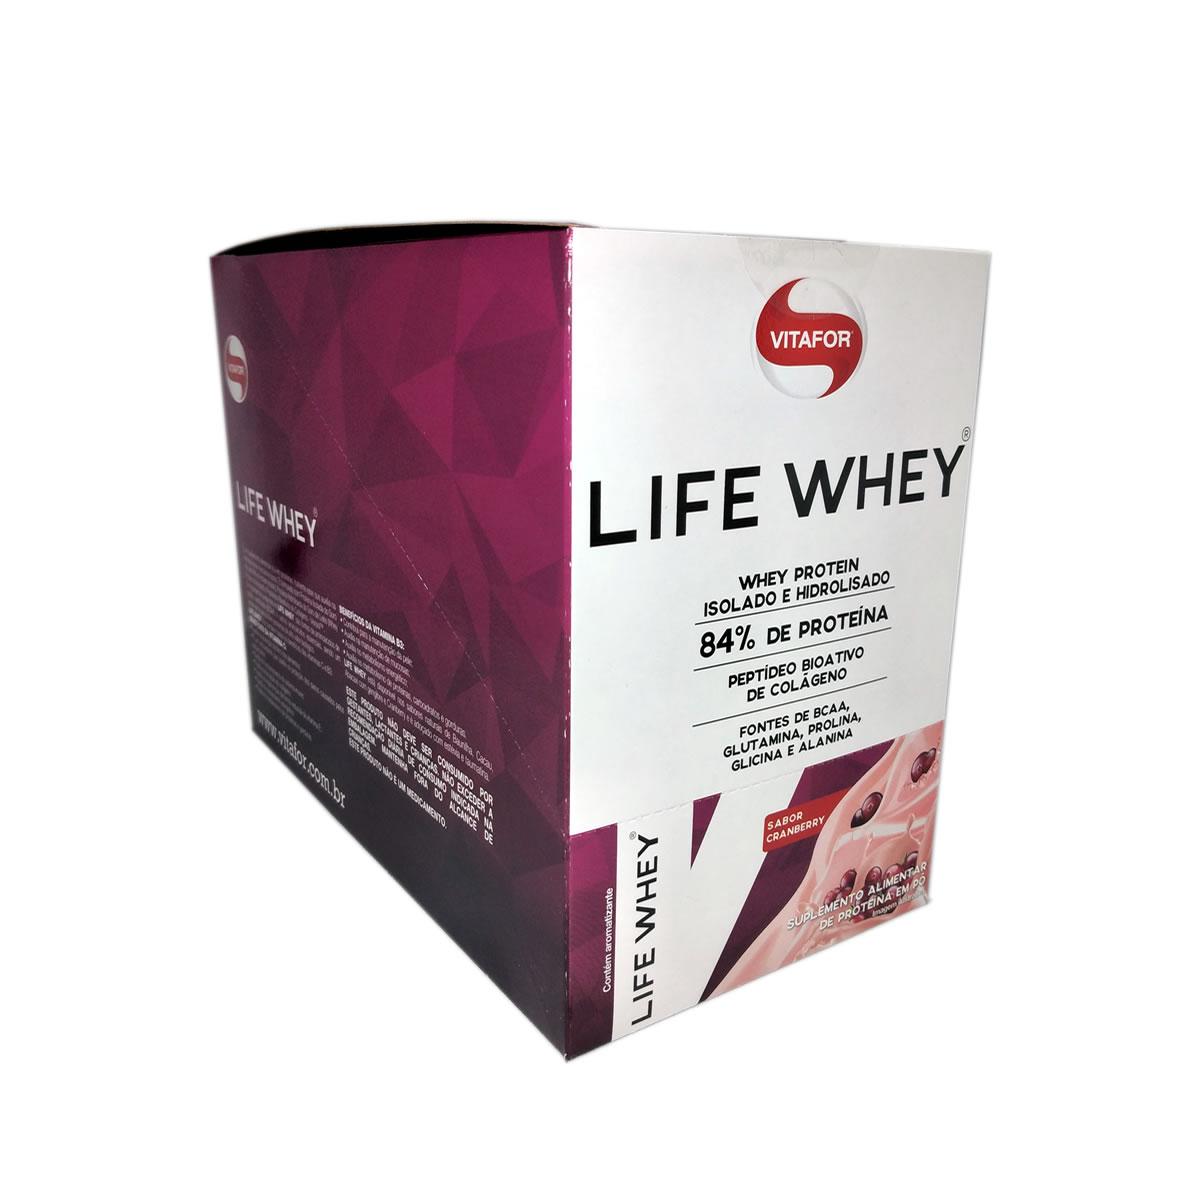 Life Whey Sabor Cranberry 15 Sachês de 25g - Vitafor